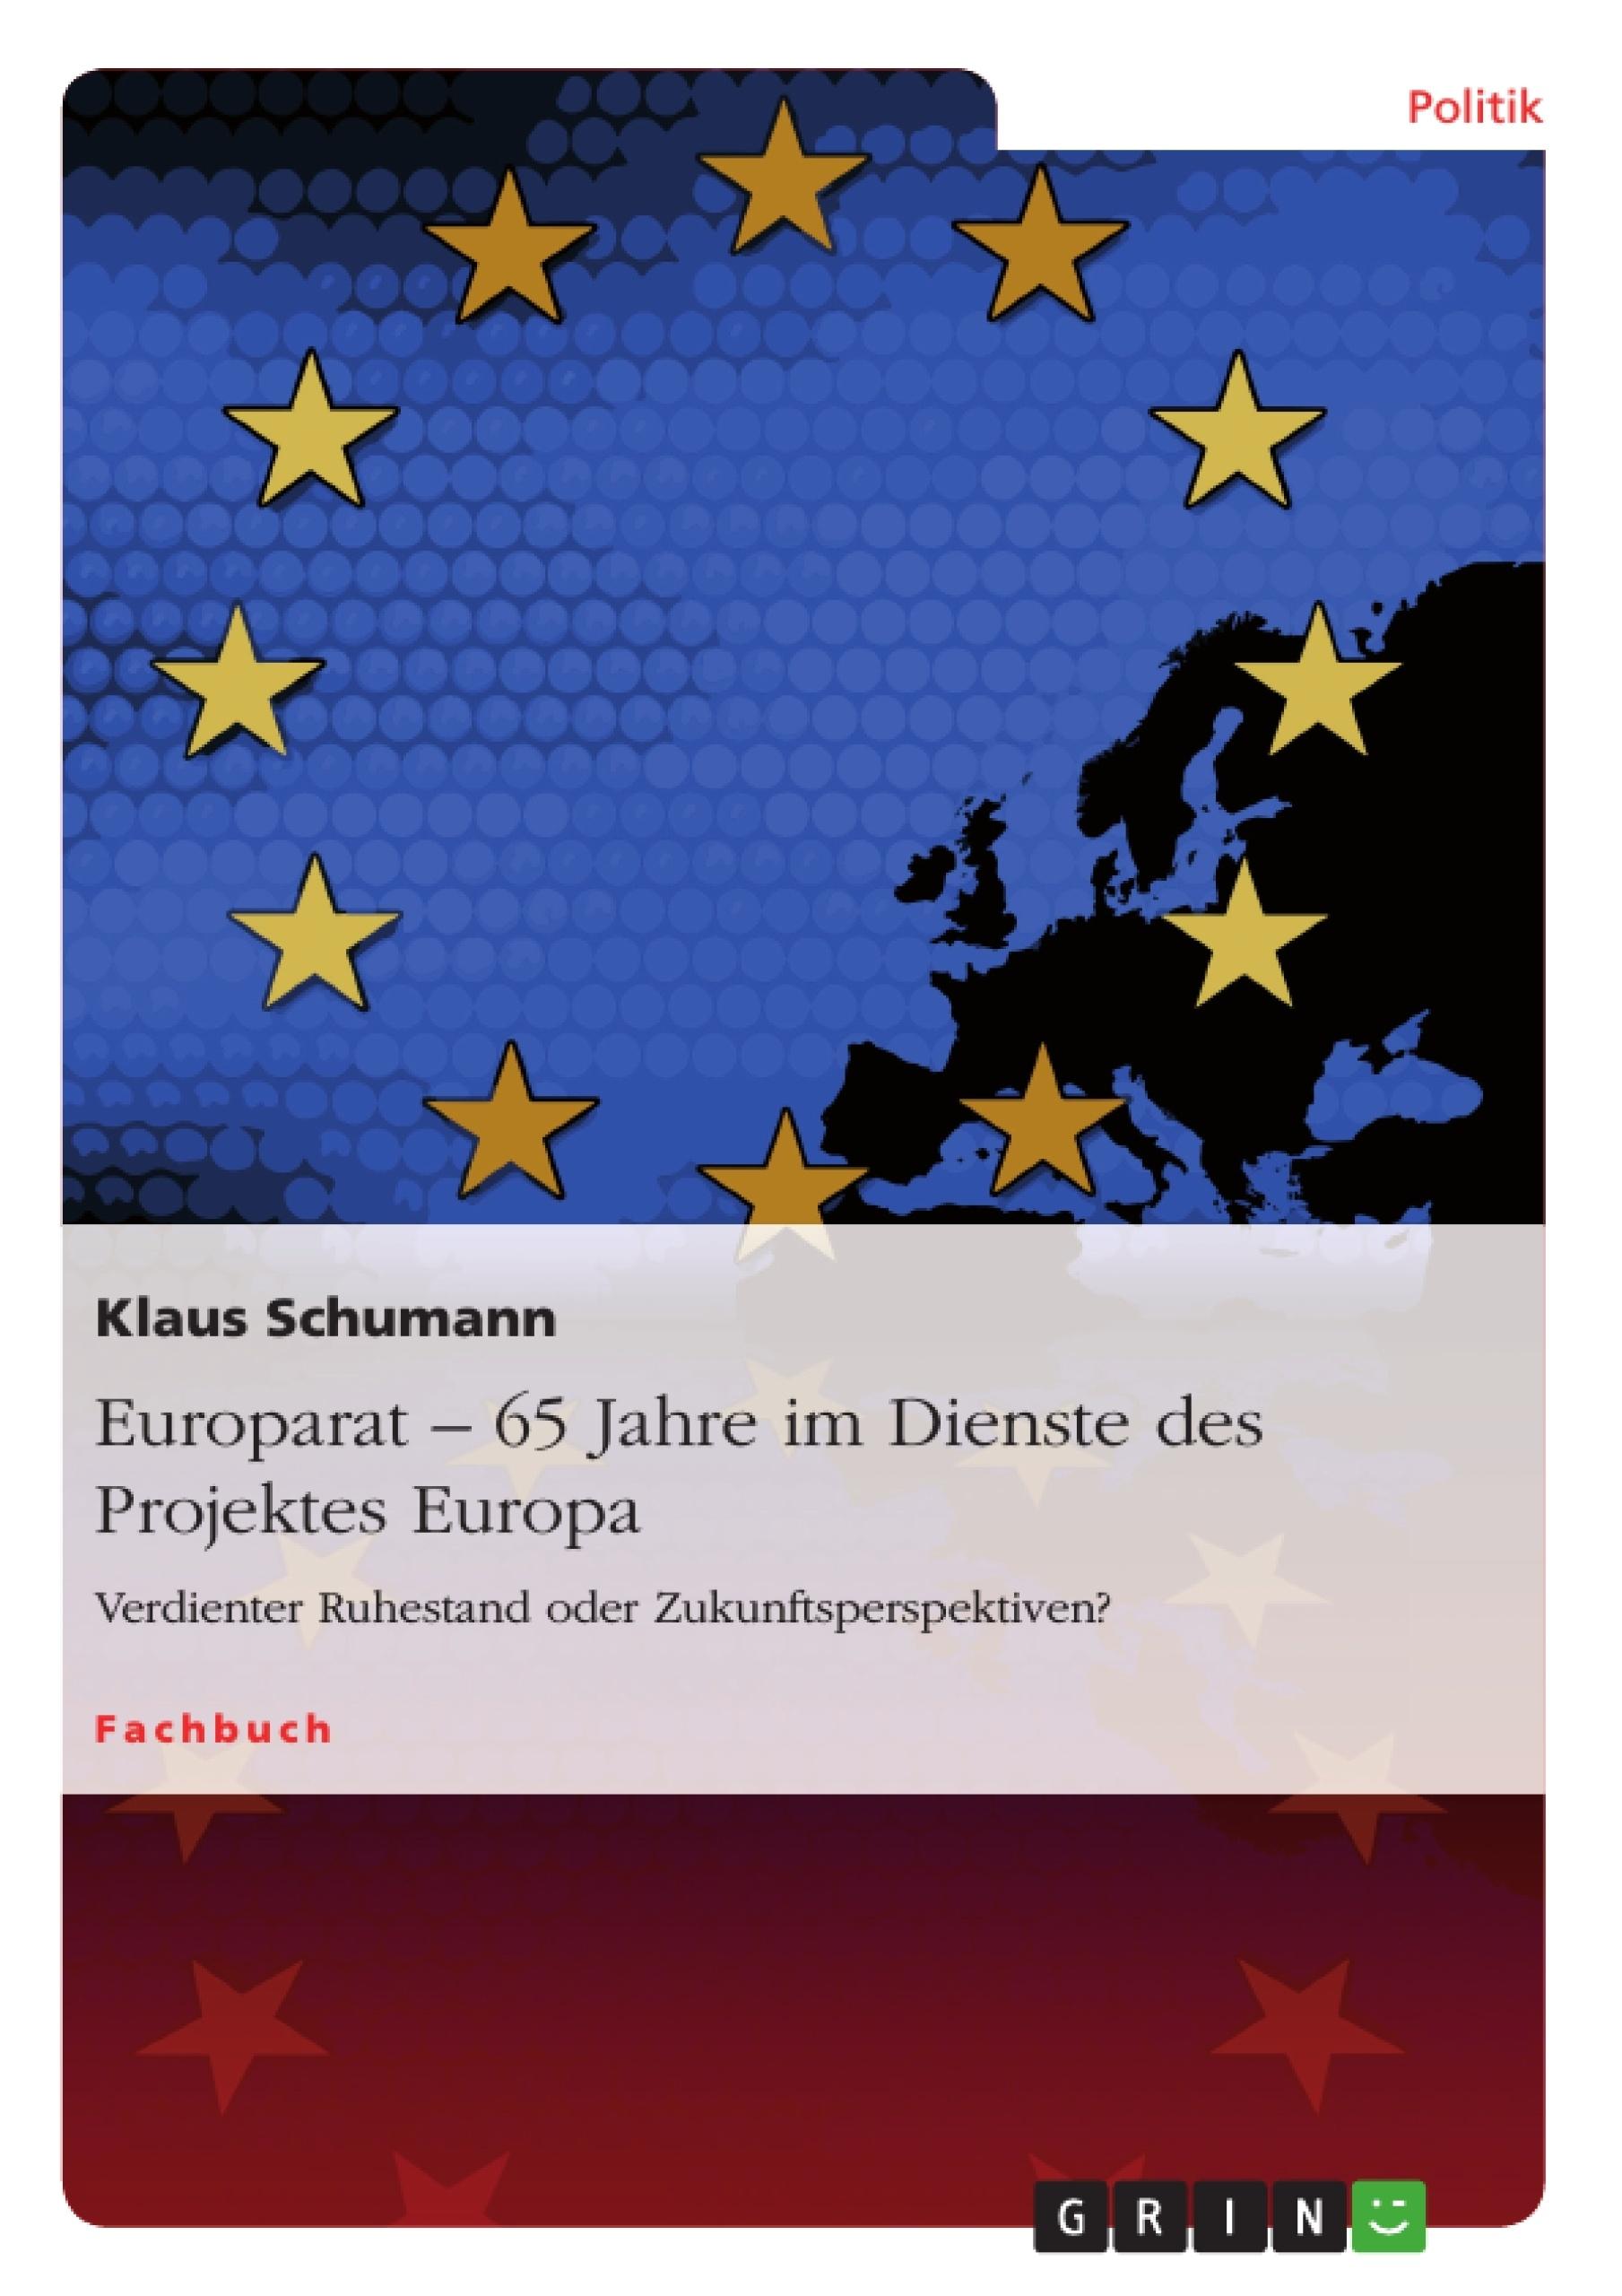 Titel: Europarat – 65 Jahre im Dienste des Projektes Europa